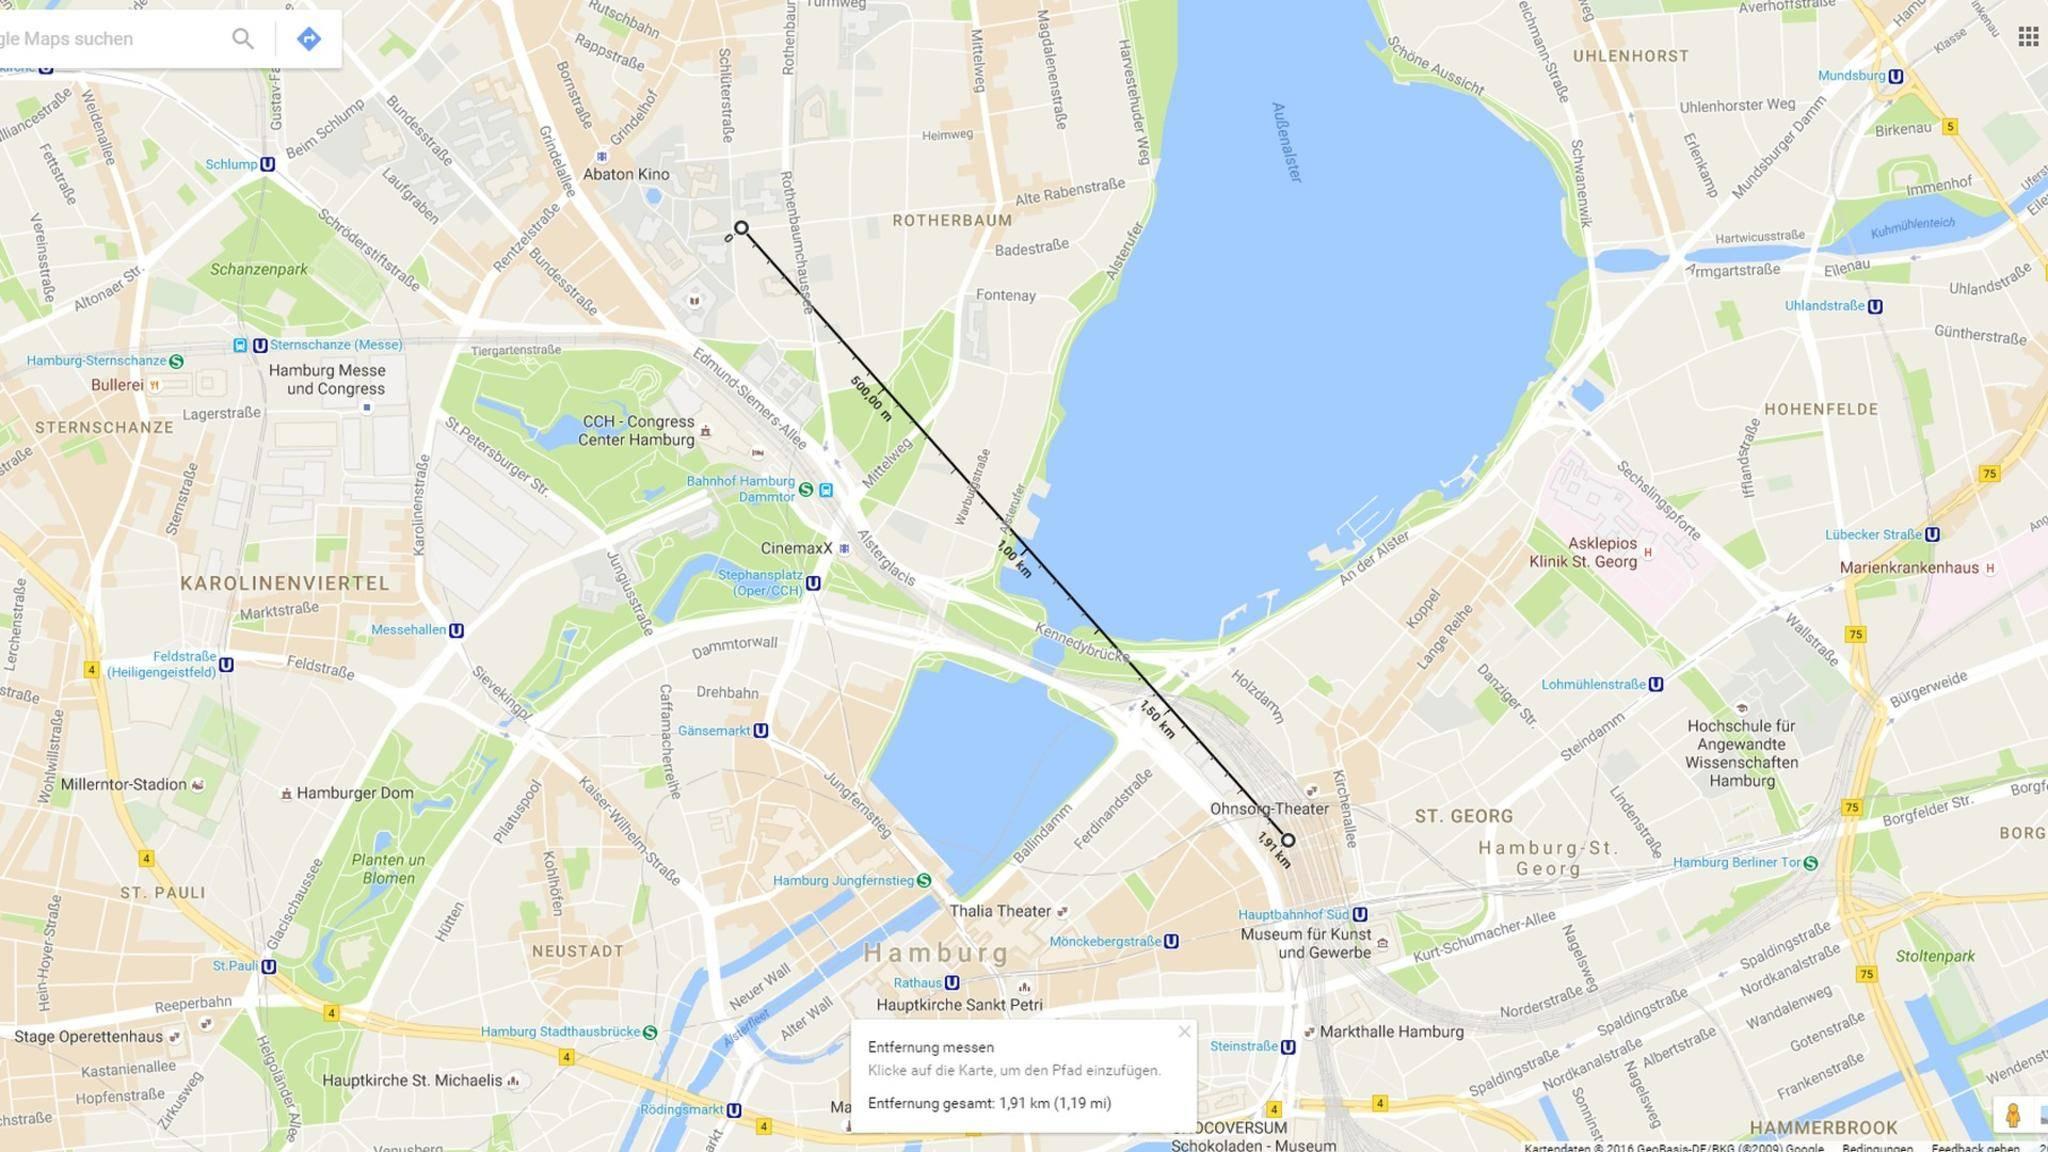 Von der Hamburger Universität bis zum Hauptbahnhof sind es laut Google Maps ungefähr zwei Kilometer.